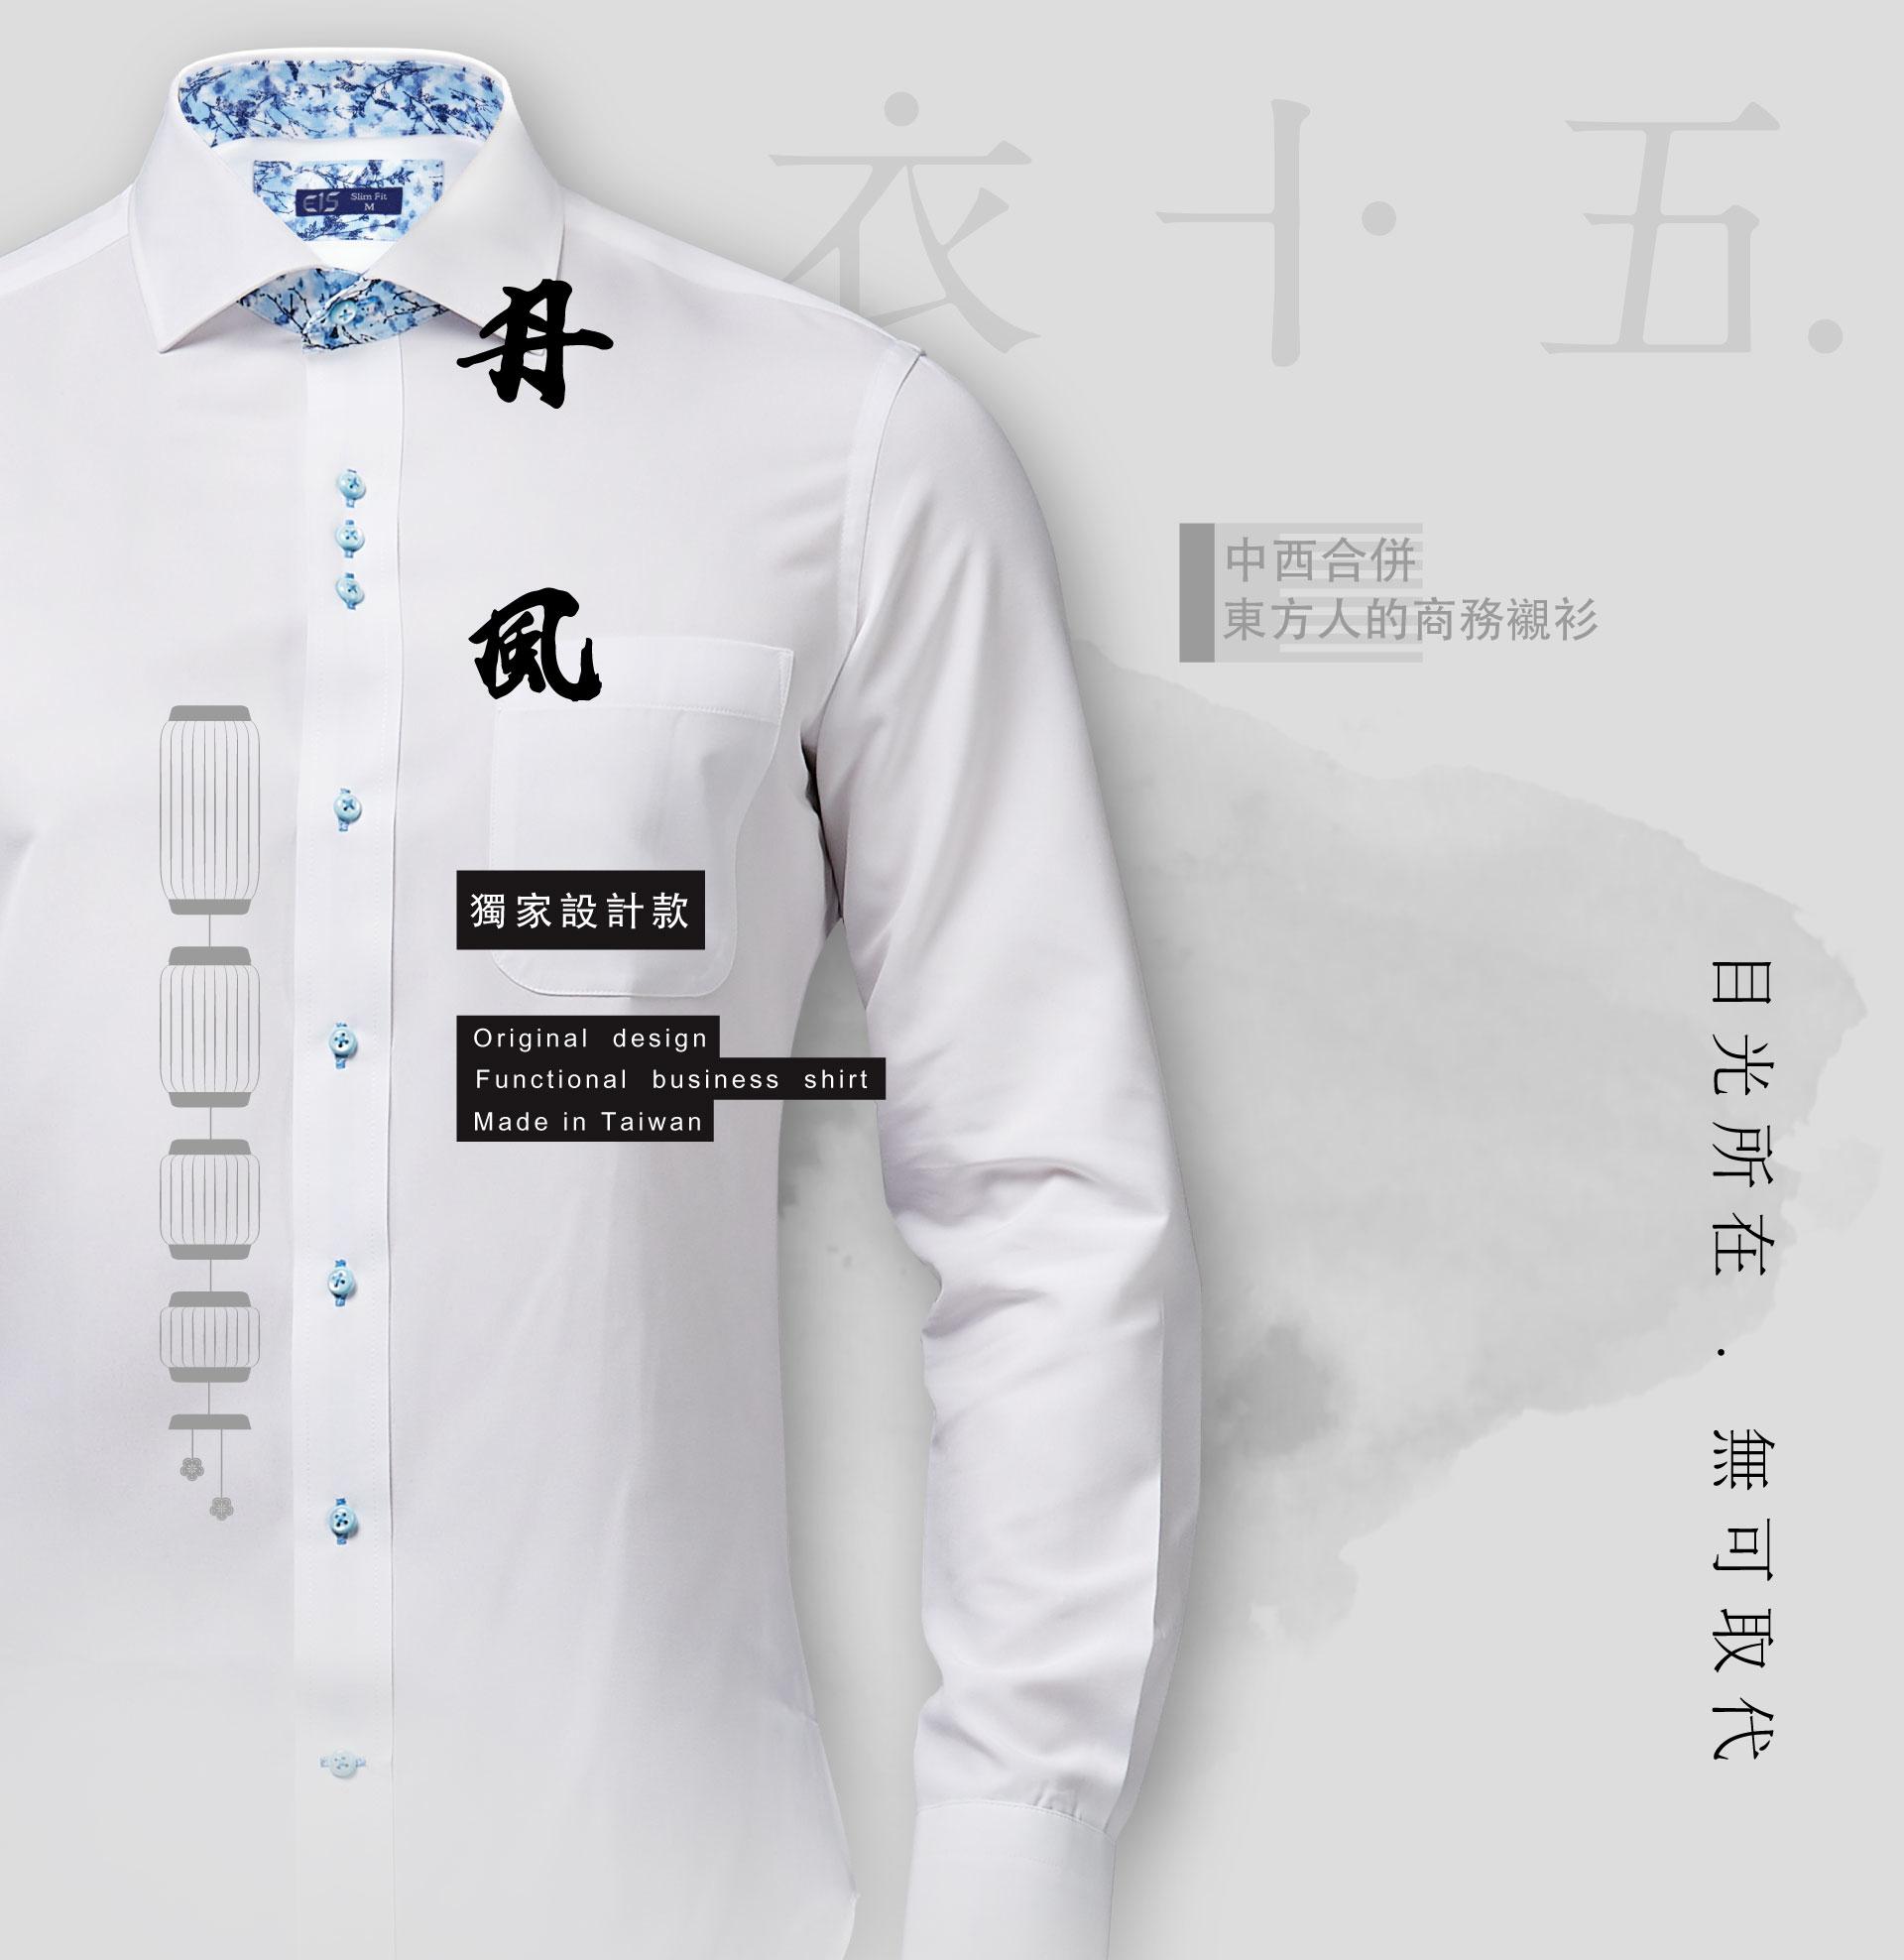 衣十五設計款襯衫 丹風系列,中西合併,屬於東方人的商務襯衫